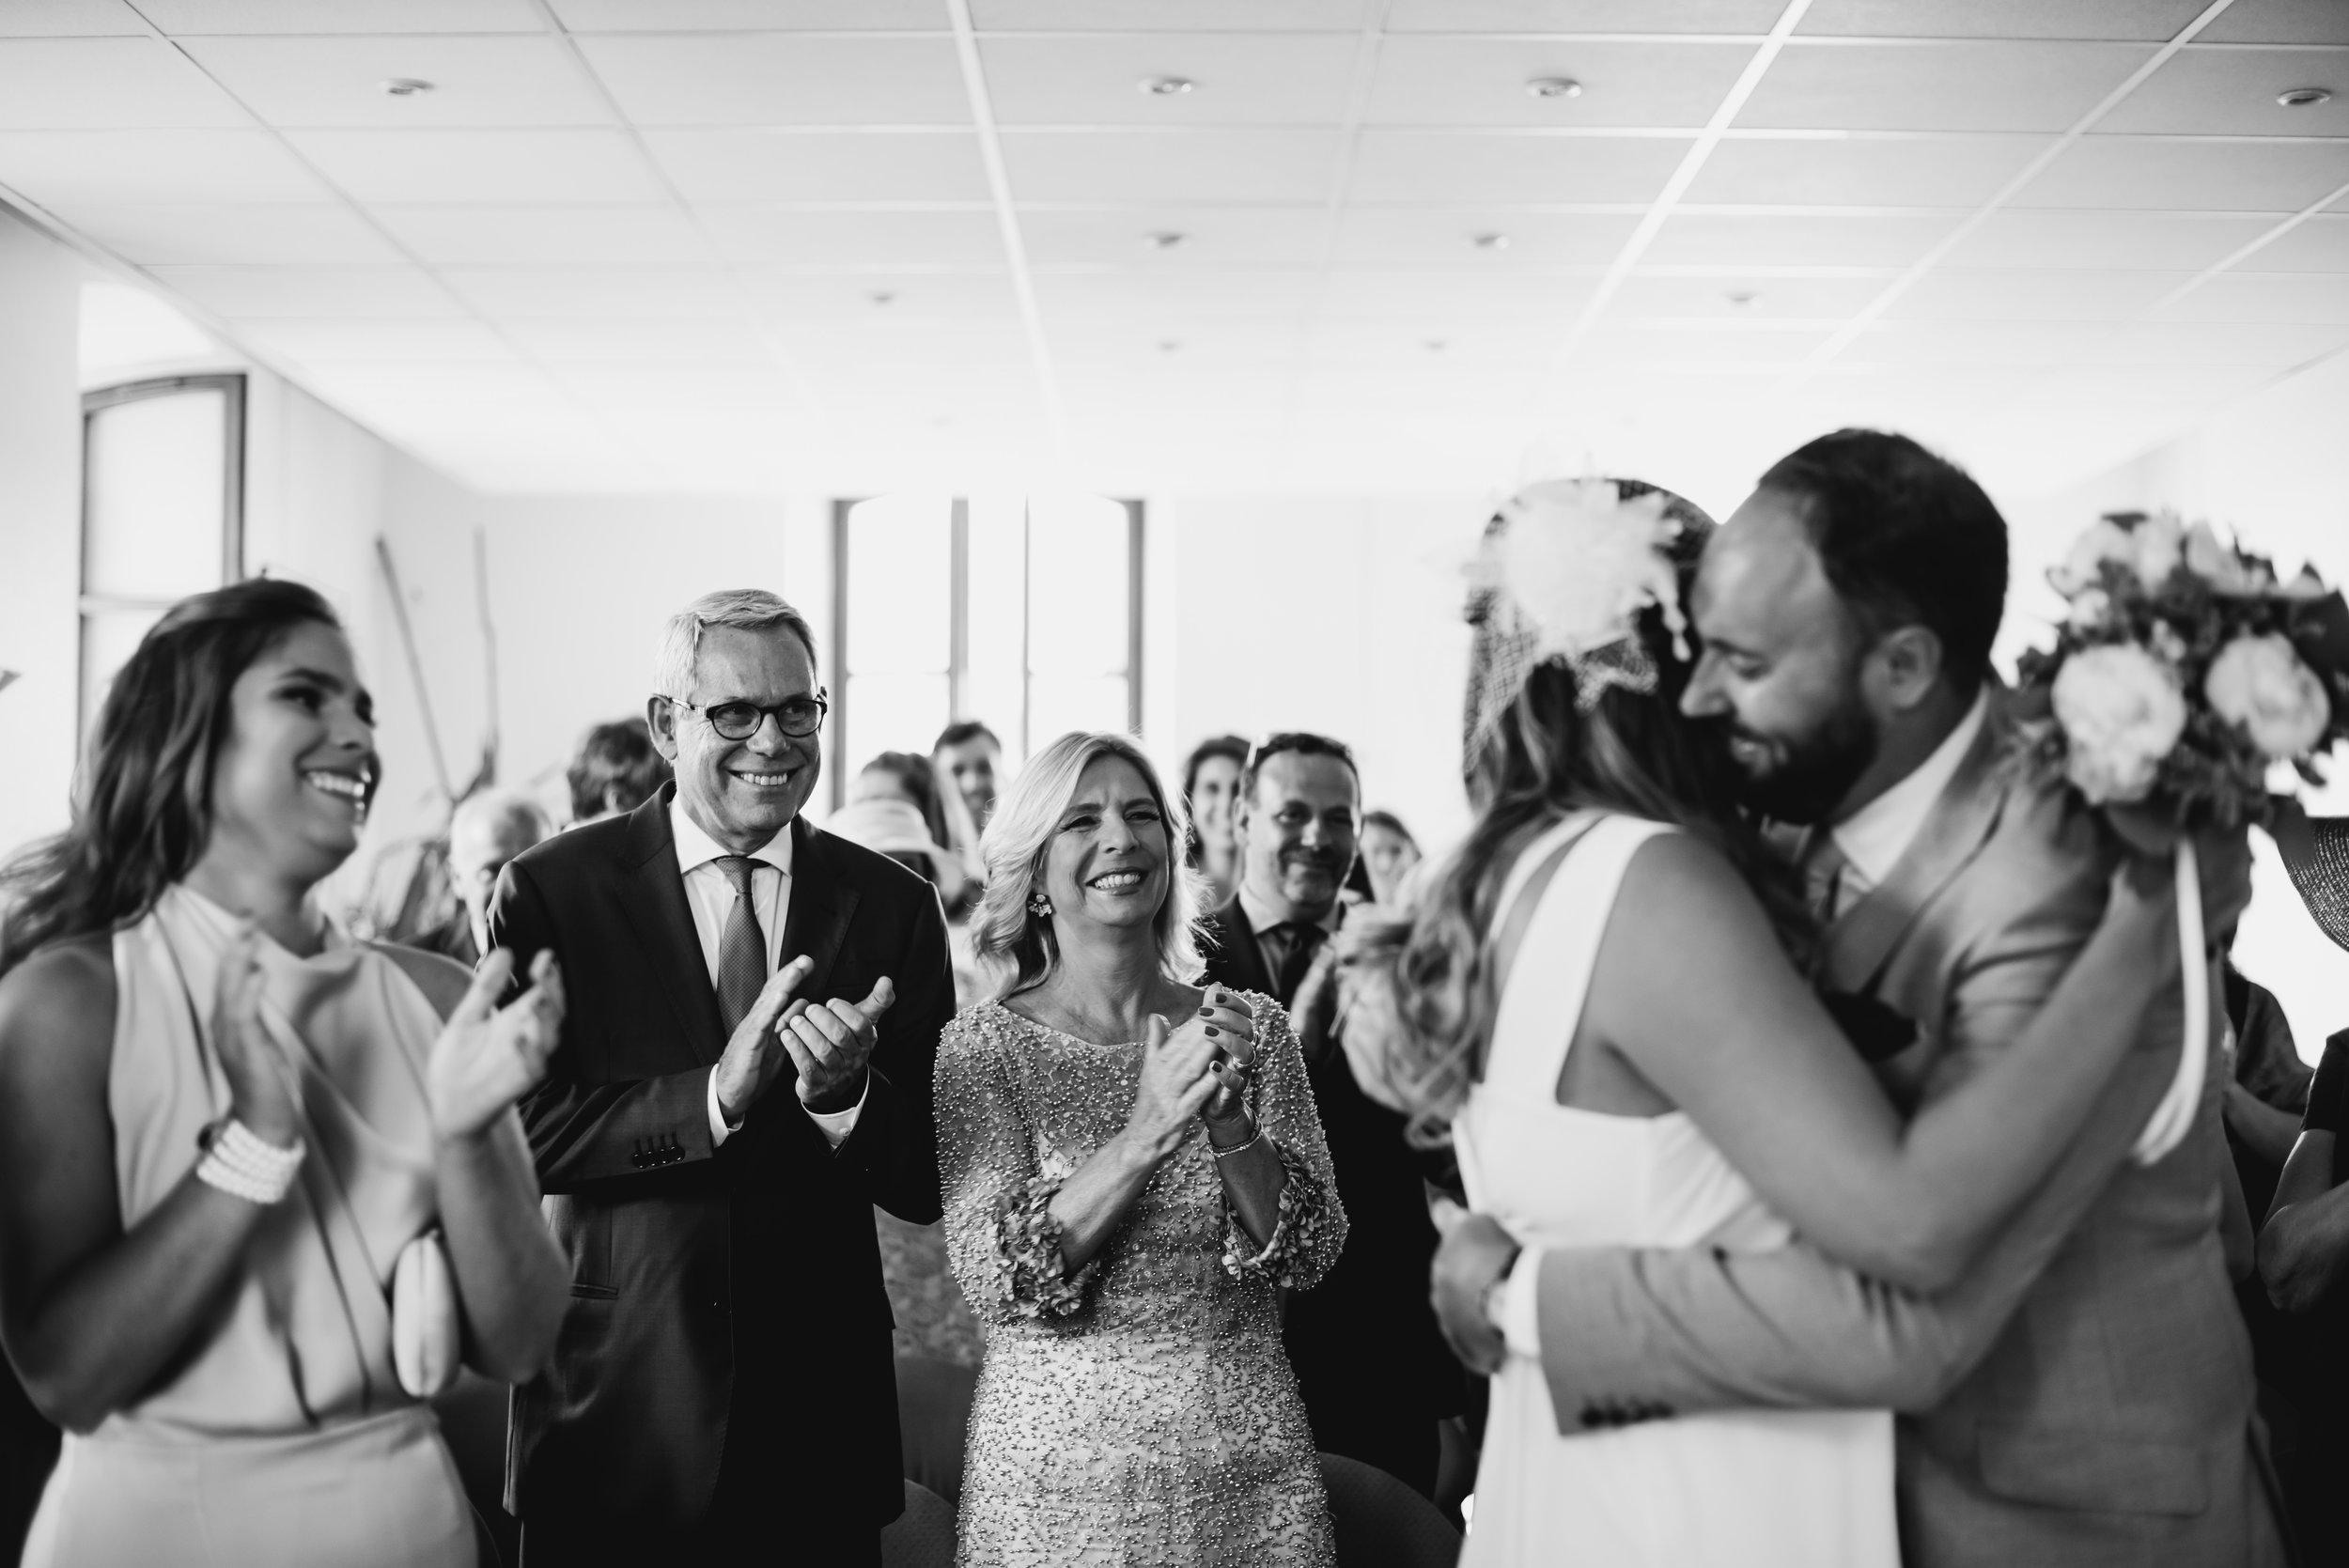 Léa-Fery-photographe-professionnel-lyon-rhone-alpes-portrait-creation-mariage-evenement-evenementiel-famille-8264.jpg